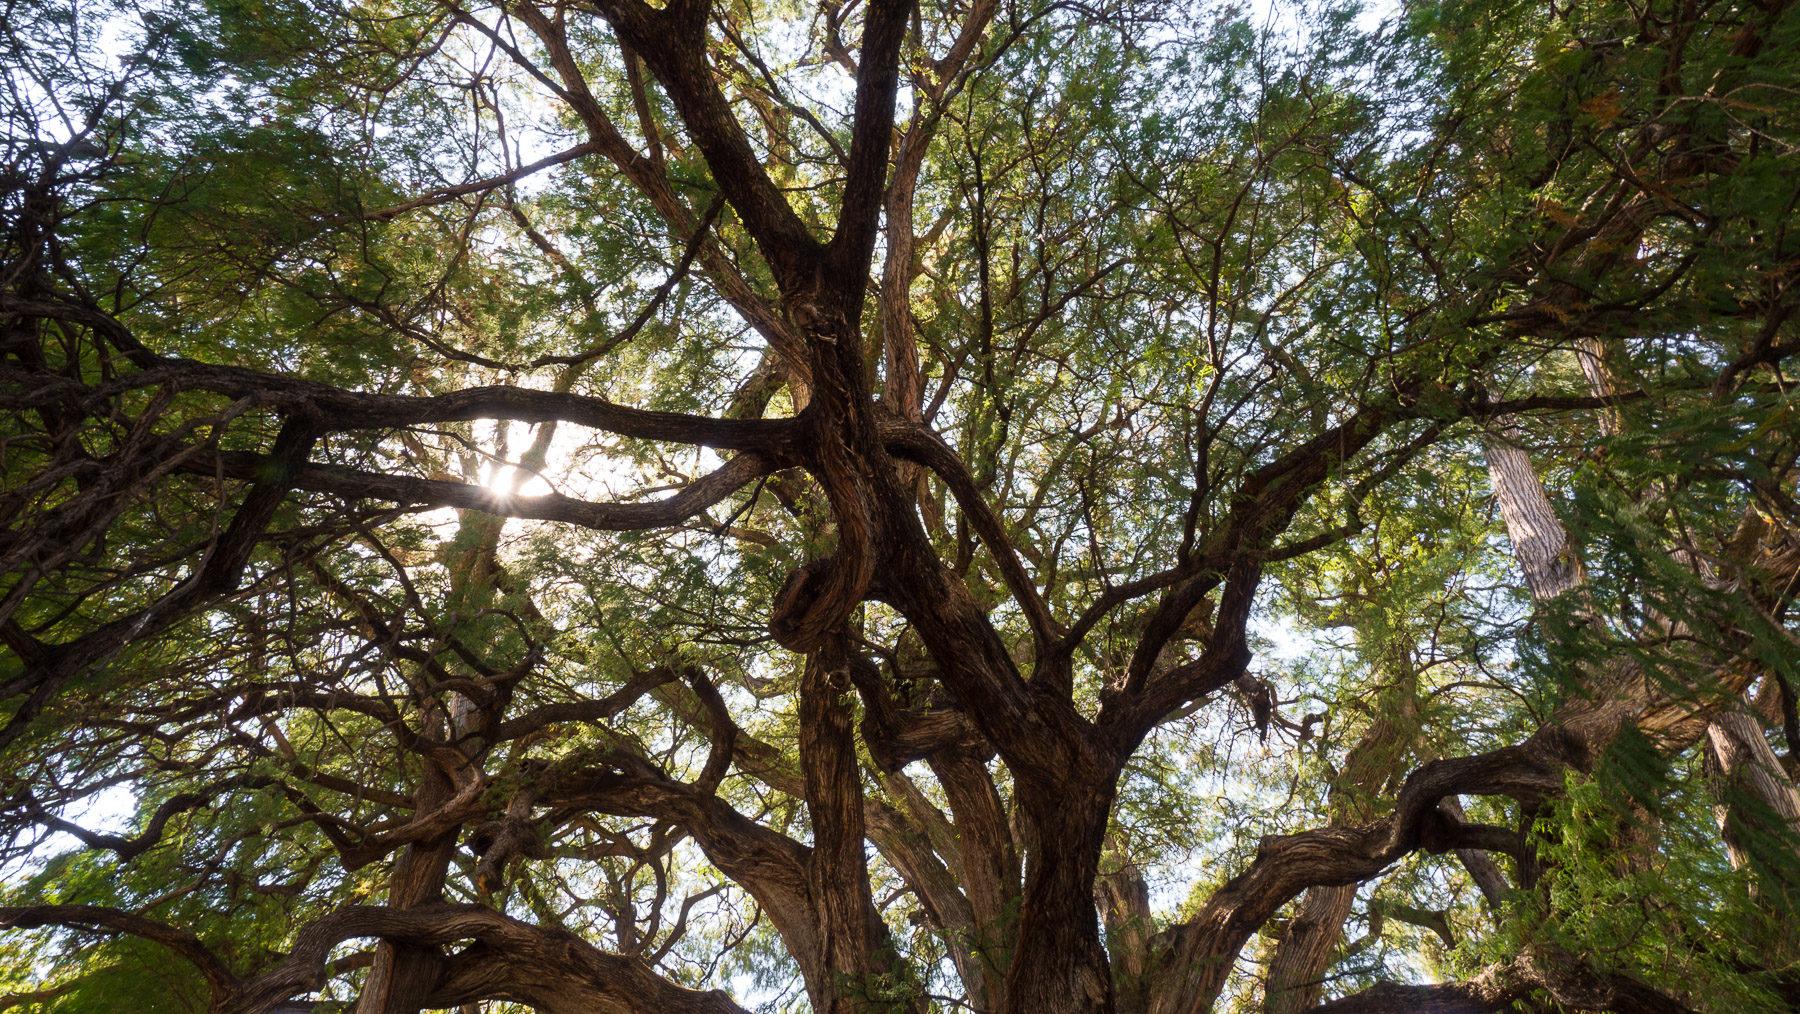 Der dickste Baum, eine uralte Sumpfzypresse